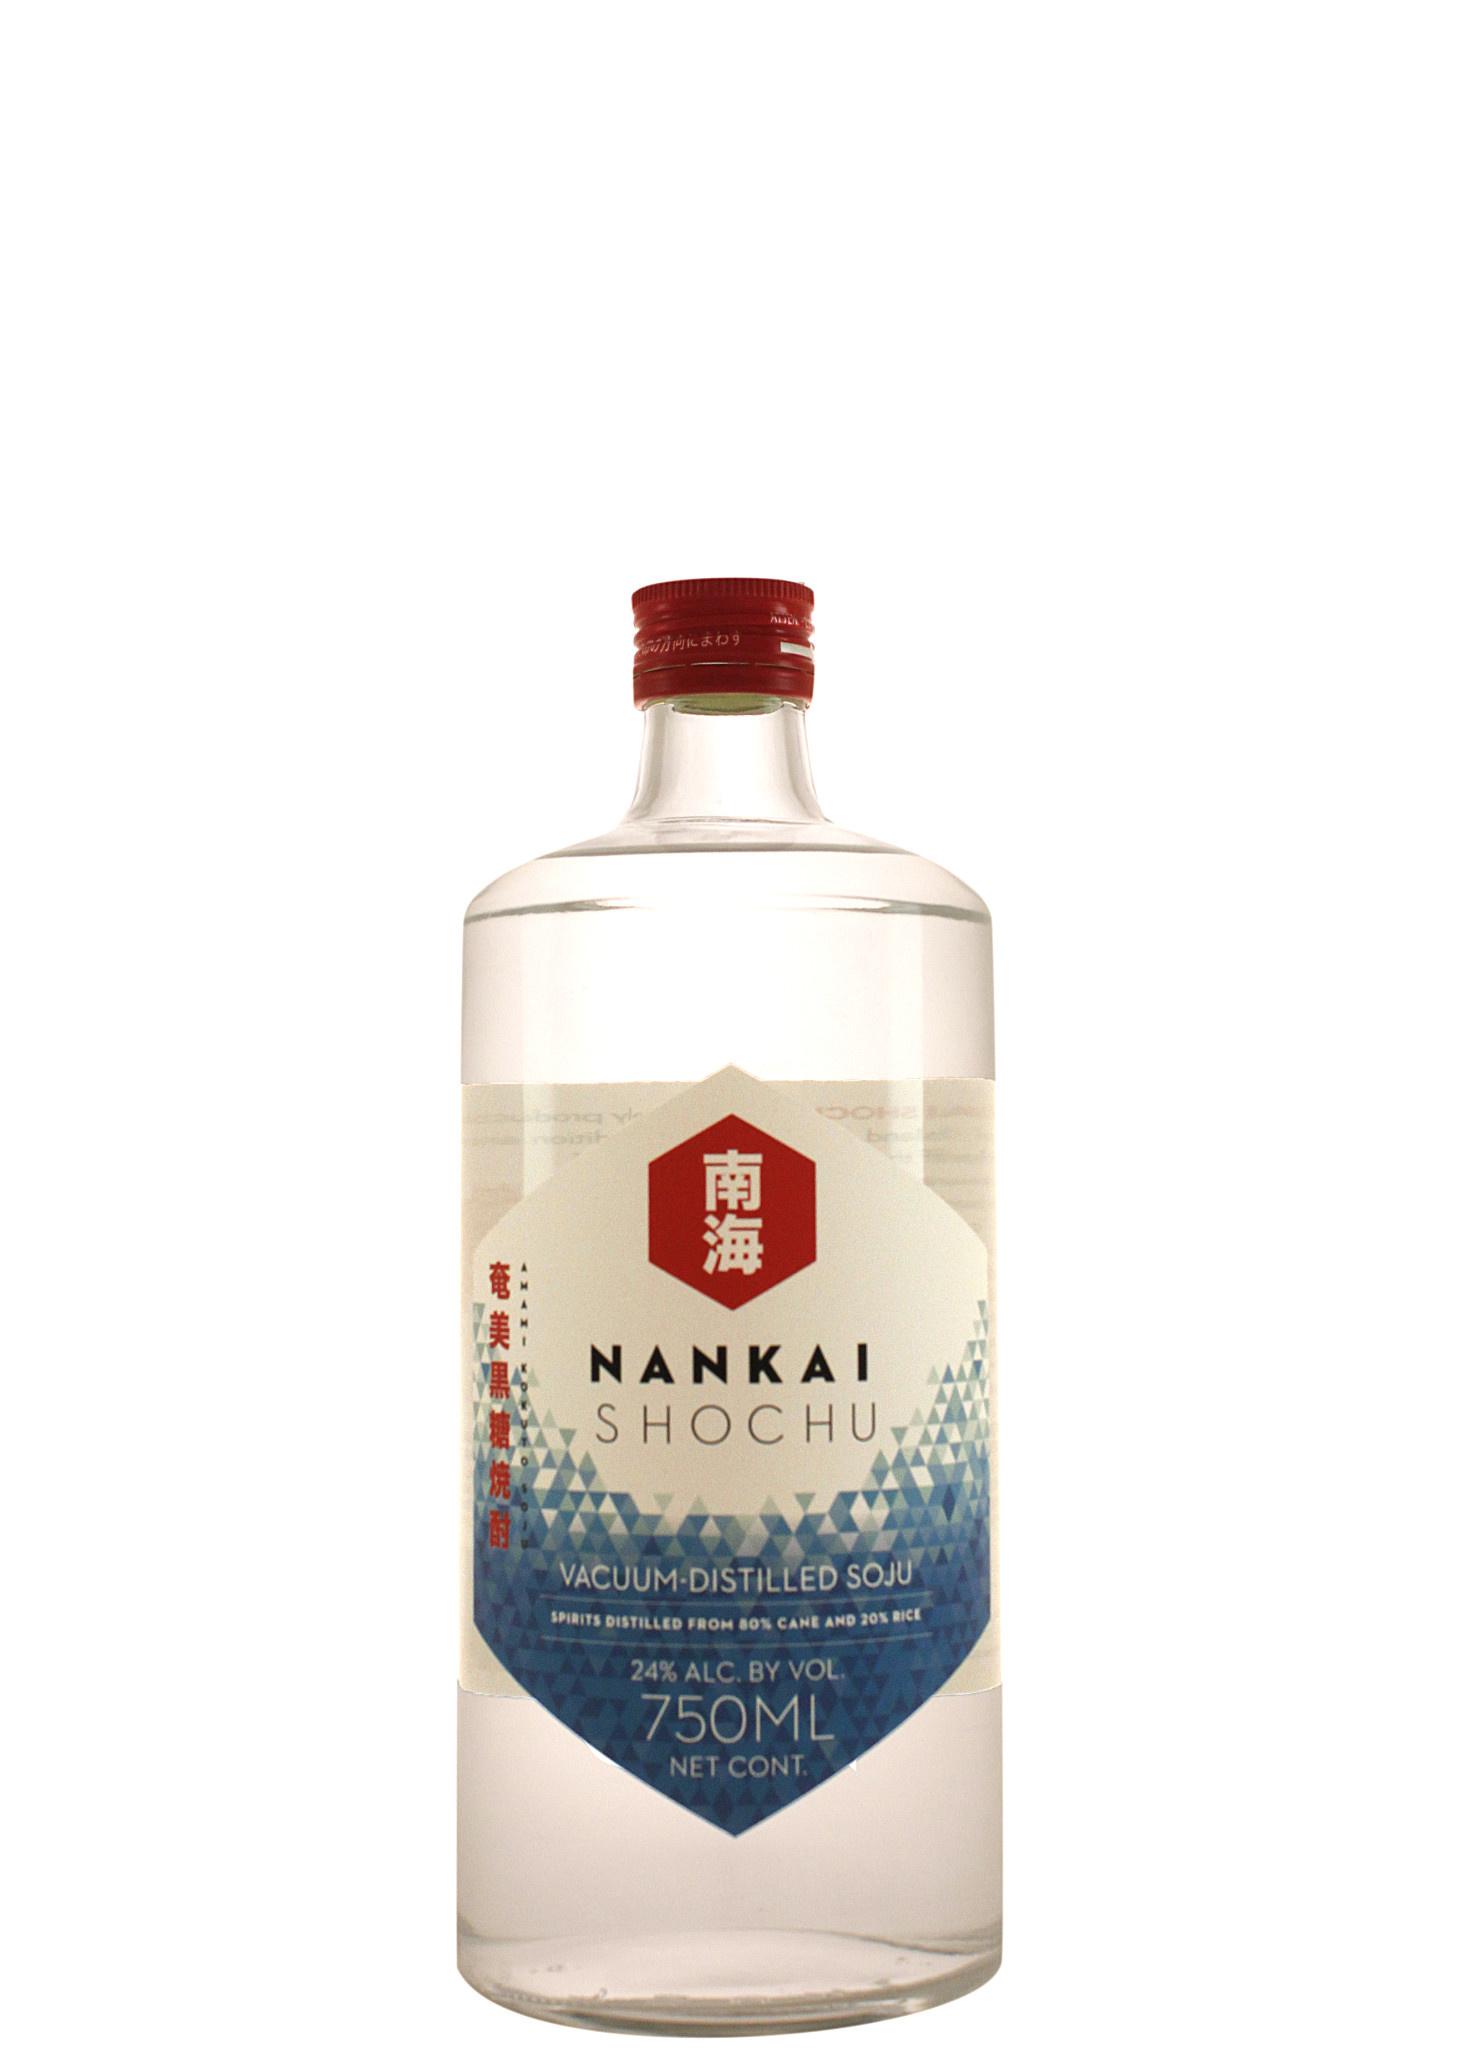 Nankai Shochu Vacuum-Distilled Soju, Japan